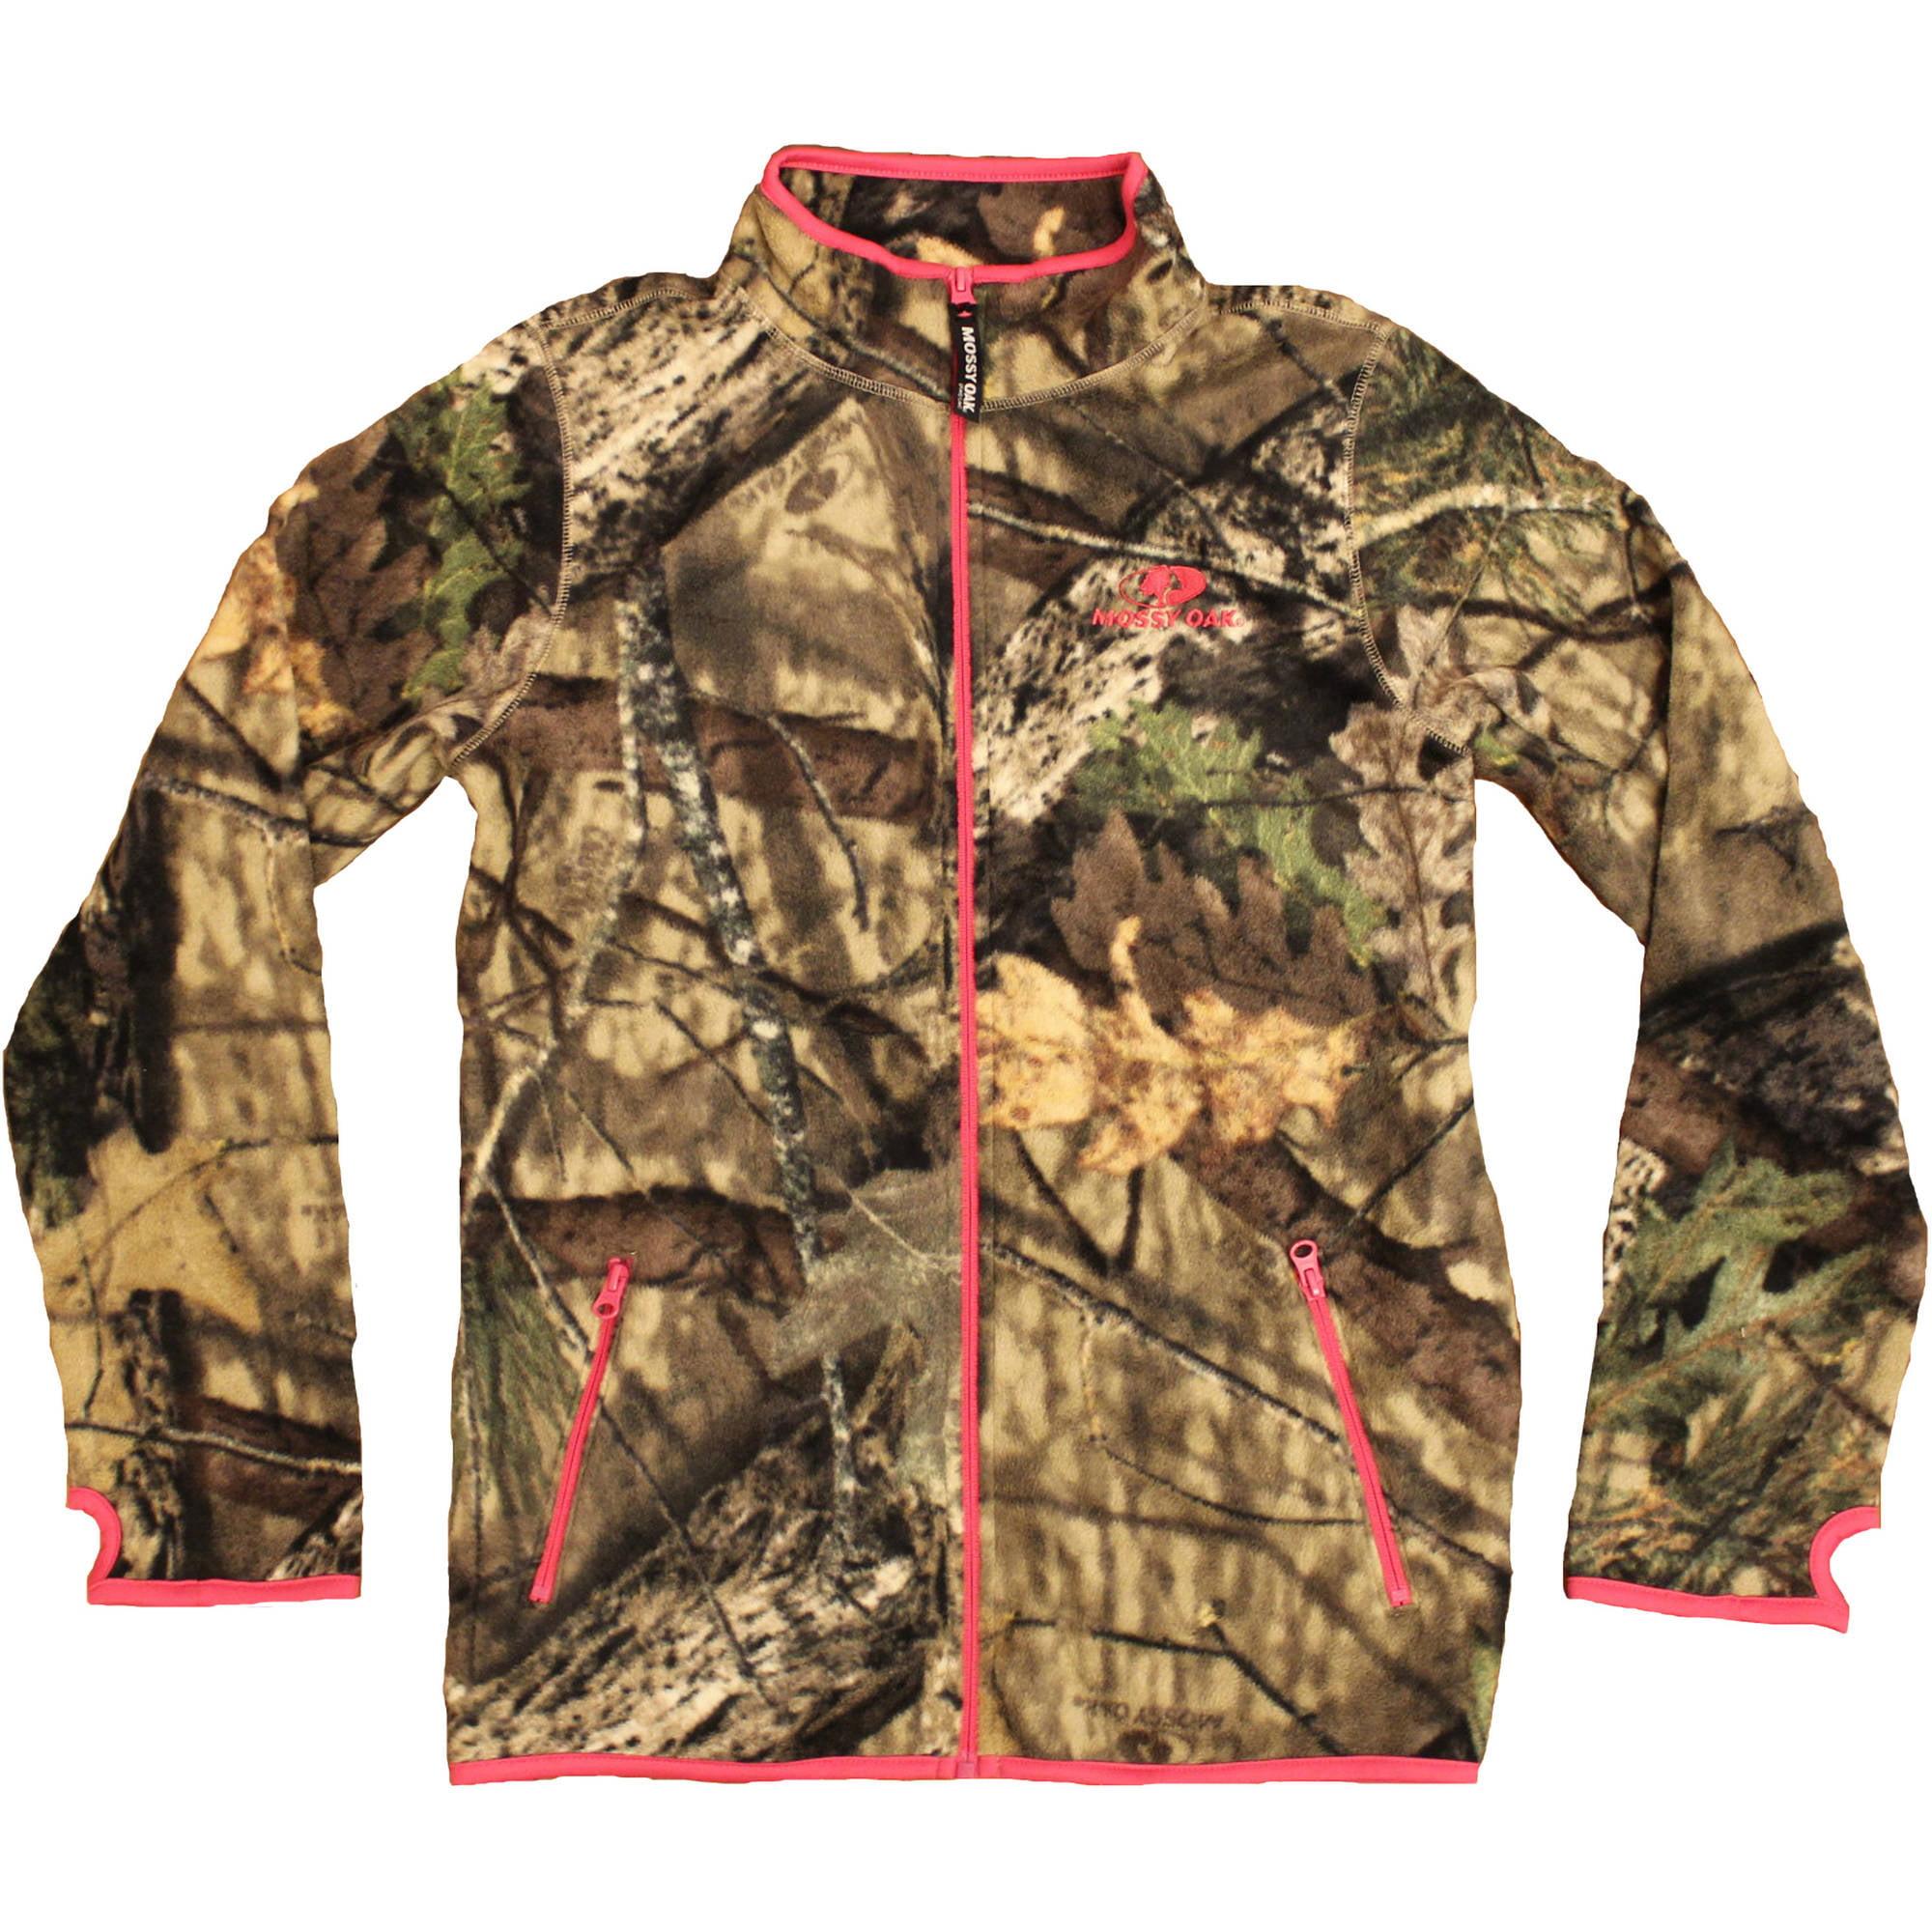 Women's Fleece Camo Full Zip Jacket by